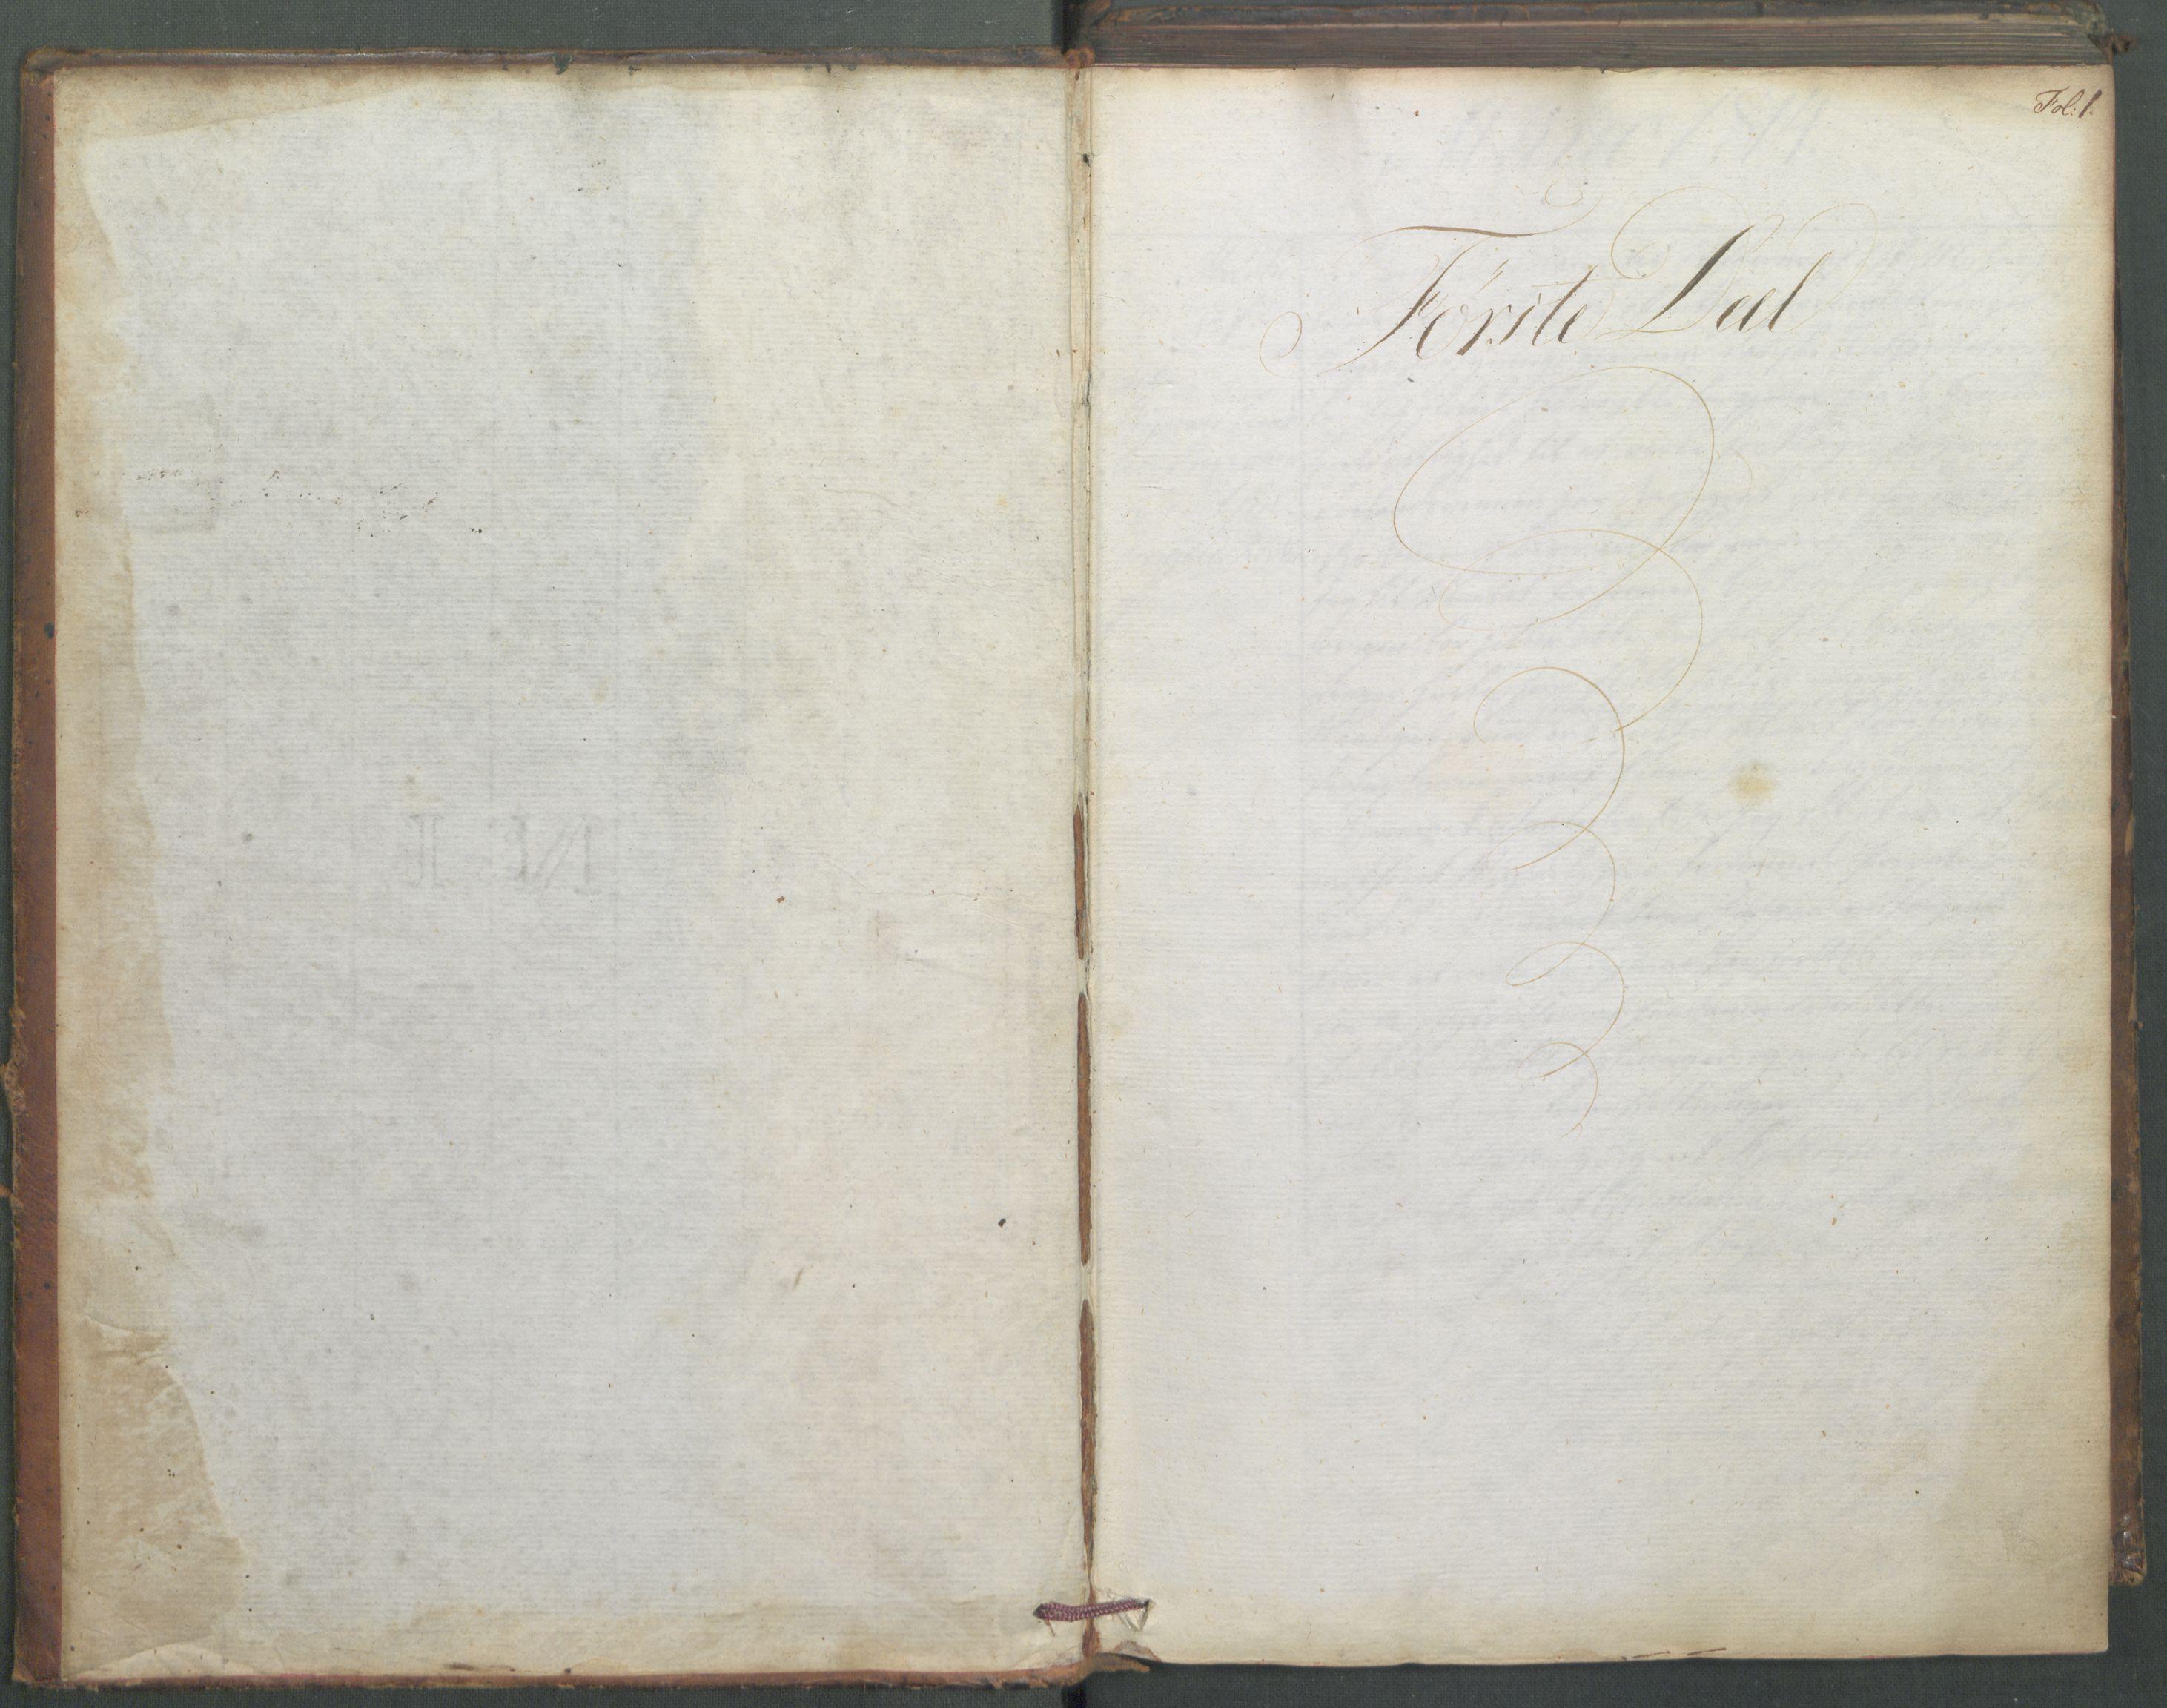 RA, Departementene i 1814, Fd/L0045: Kopibok, 1814, s. 1a